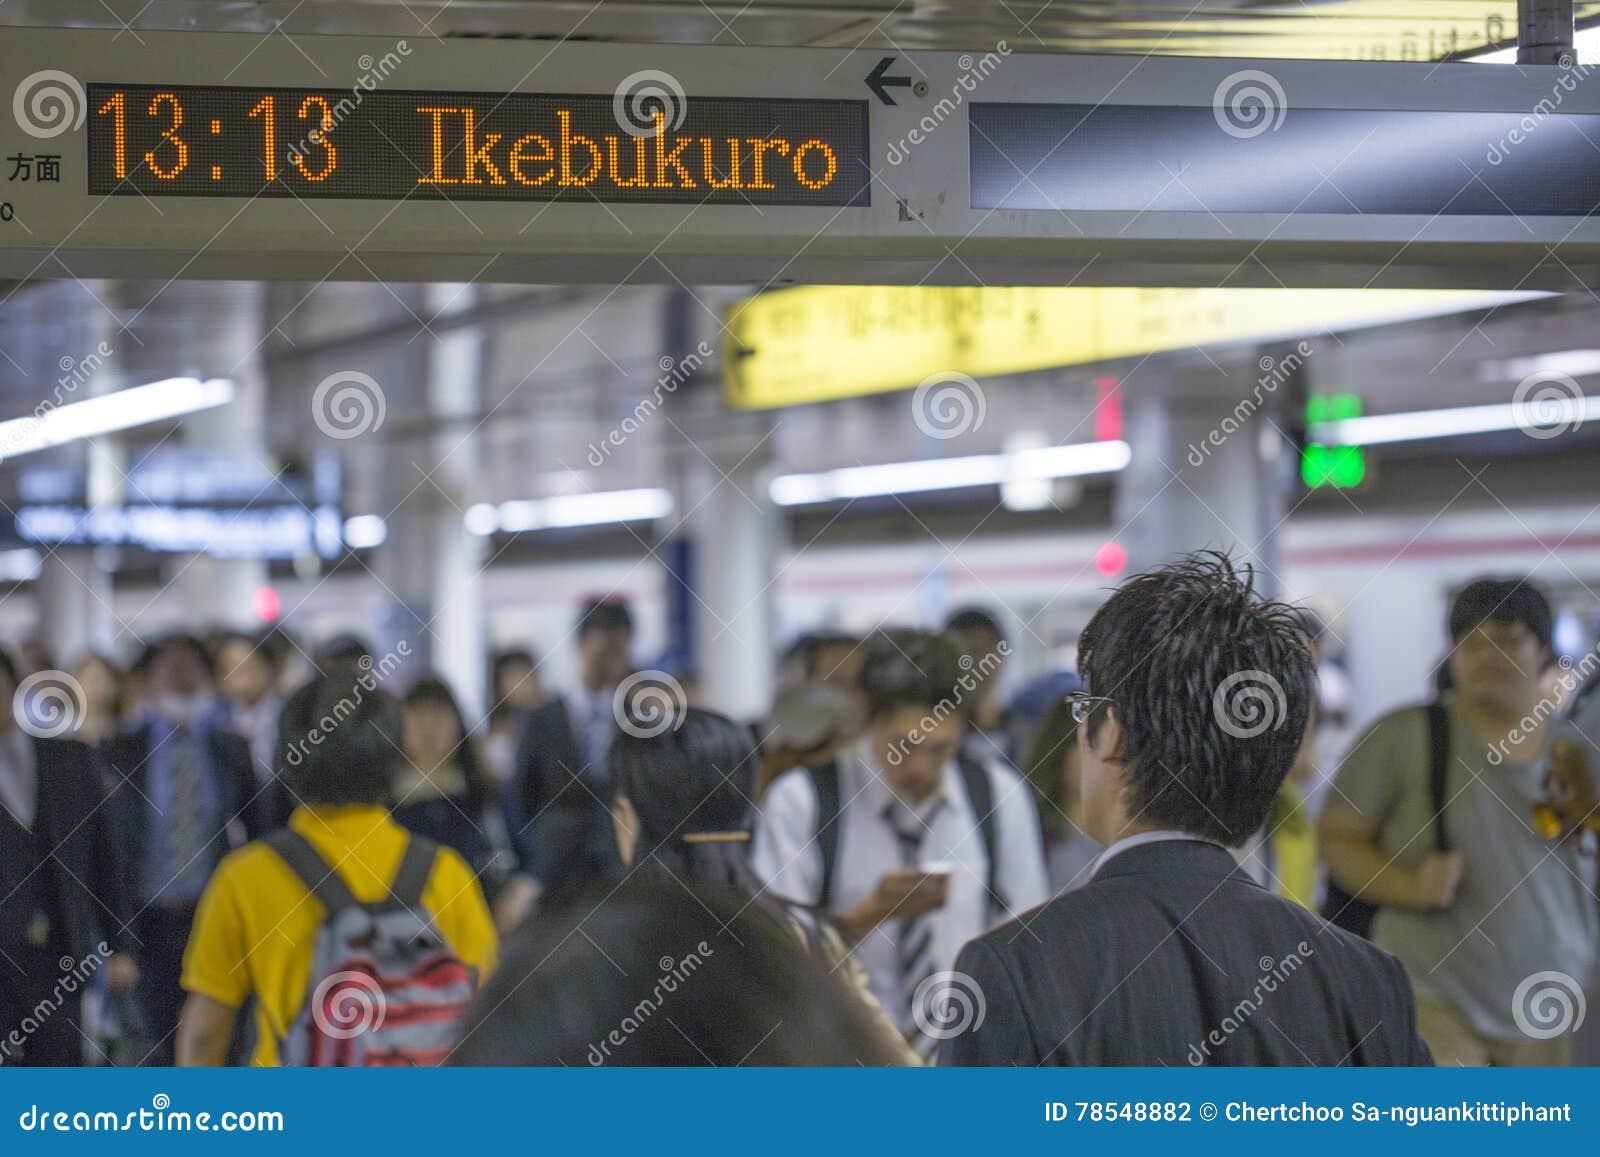 TÓQUIO, JAPÃO - 31 DE MAIO DE 2016: Metro do metro do Tóquio